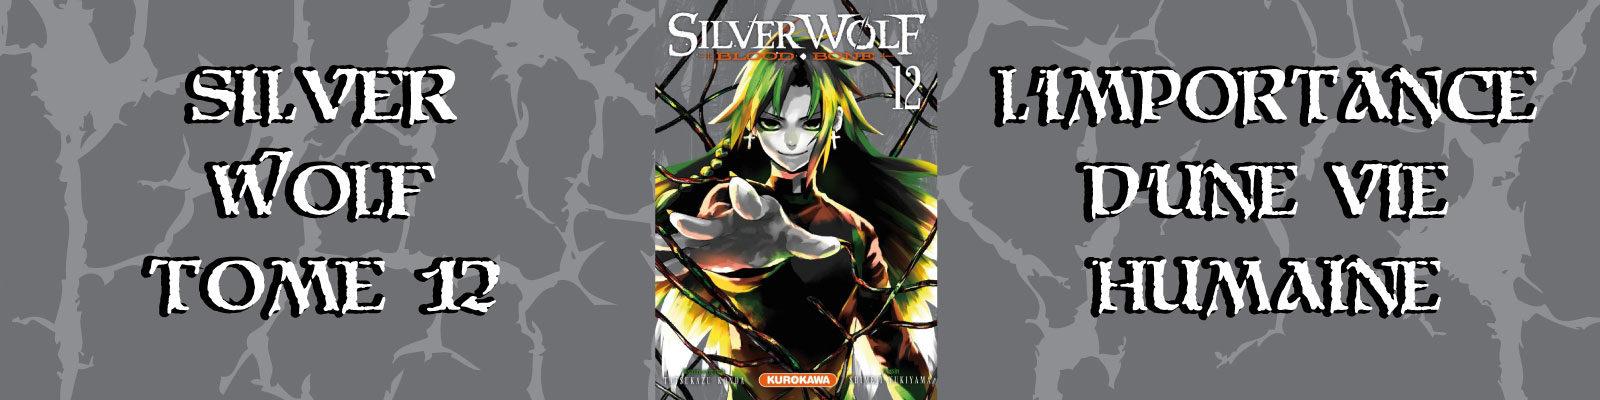 Silver Wolf,-Blood,-Bone-Vol.-12-2